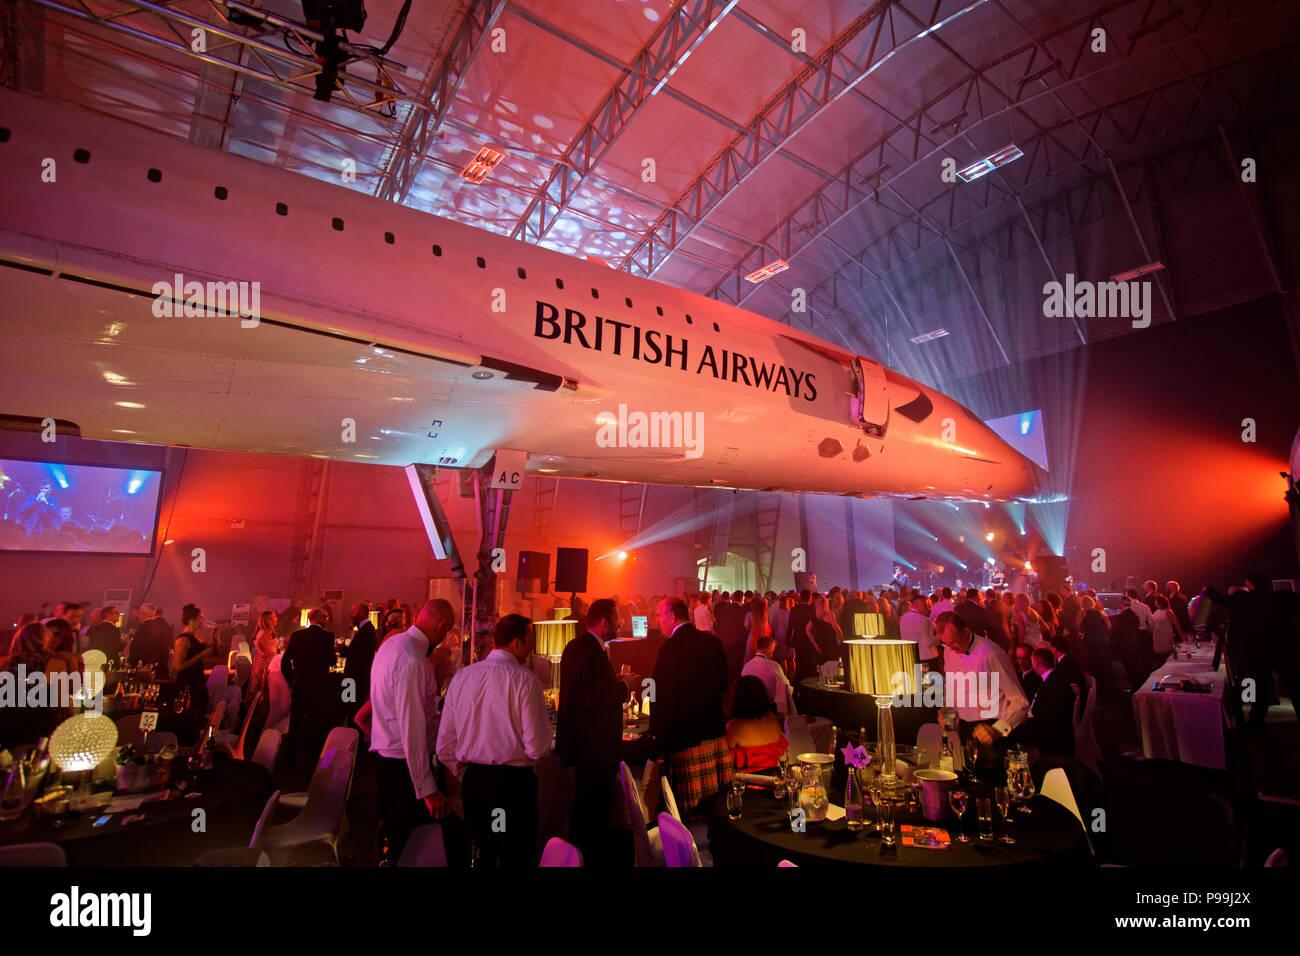 La suite Concorde en el aeropuerto de Manchester está viendo park en la Circunvalación, Manchester, Greater Manchester, Inglaterra, Reino Unido. Imagen De Stock